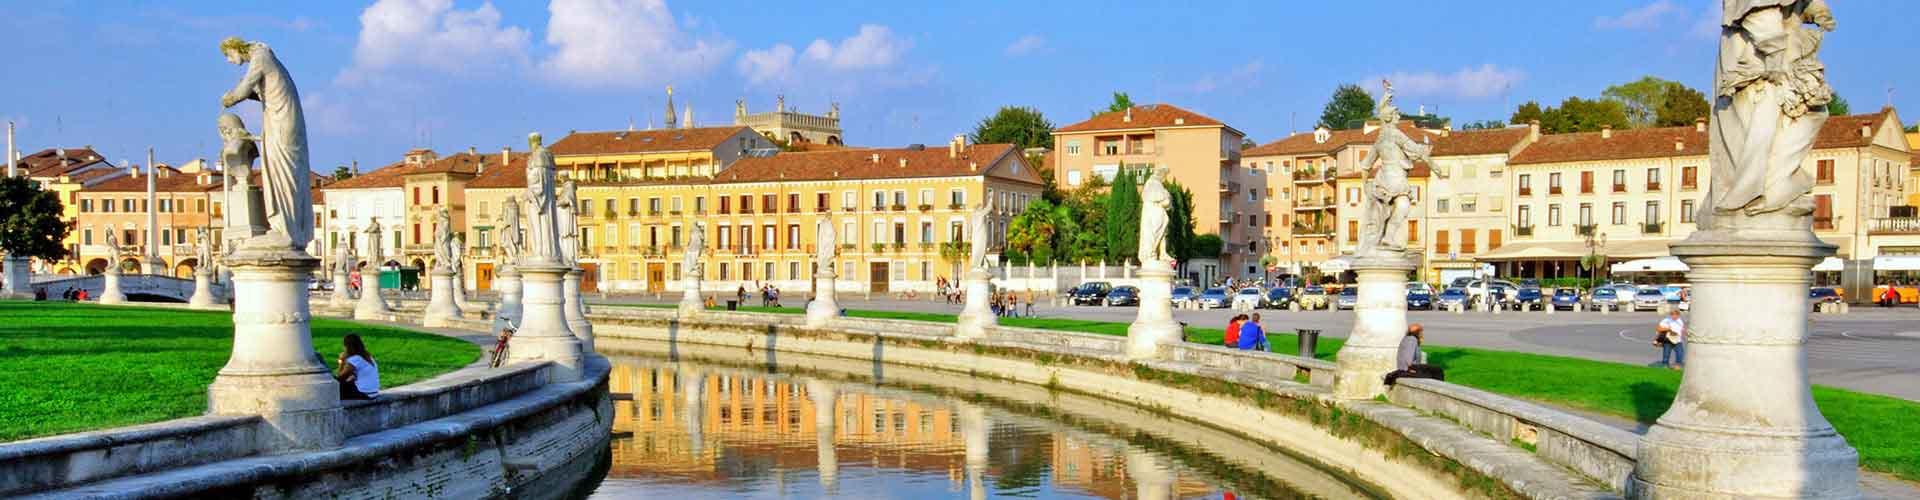 Padova - Auberges de jeunesse à Padova. Cartes pour Padova, photos et commentaires pour chaque auberge de jeunesse à Padova.